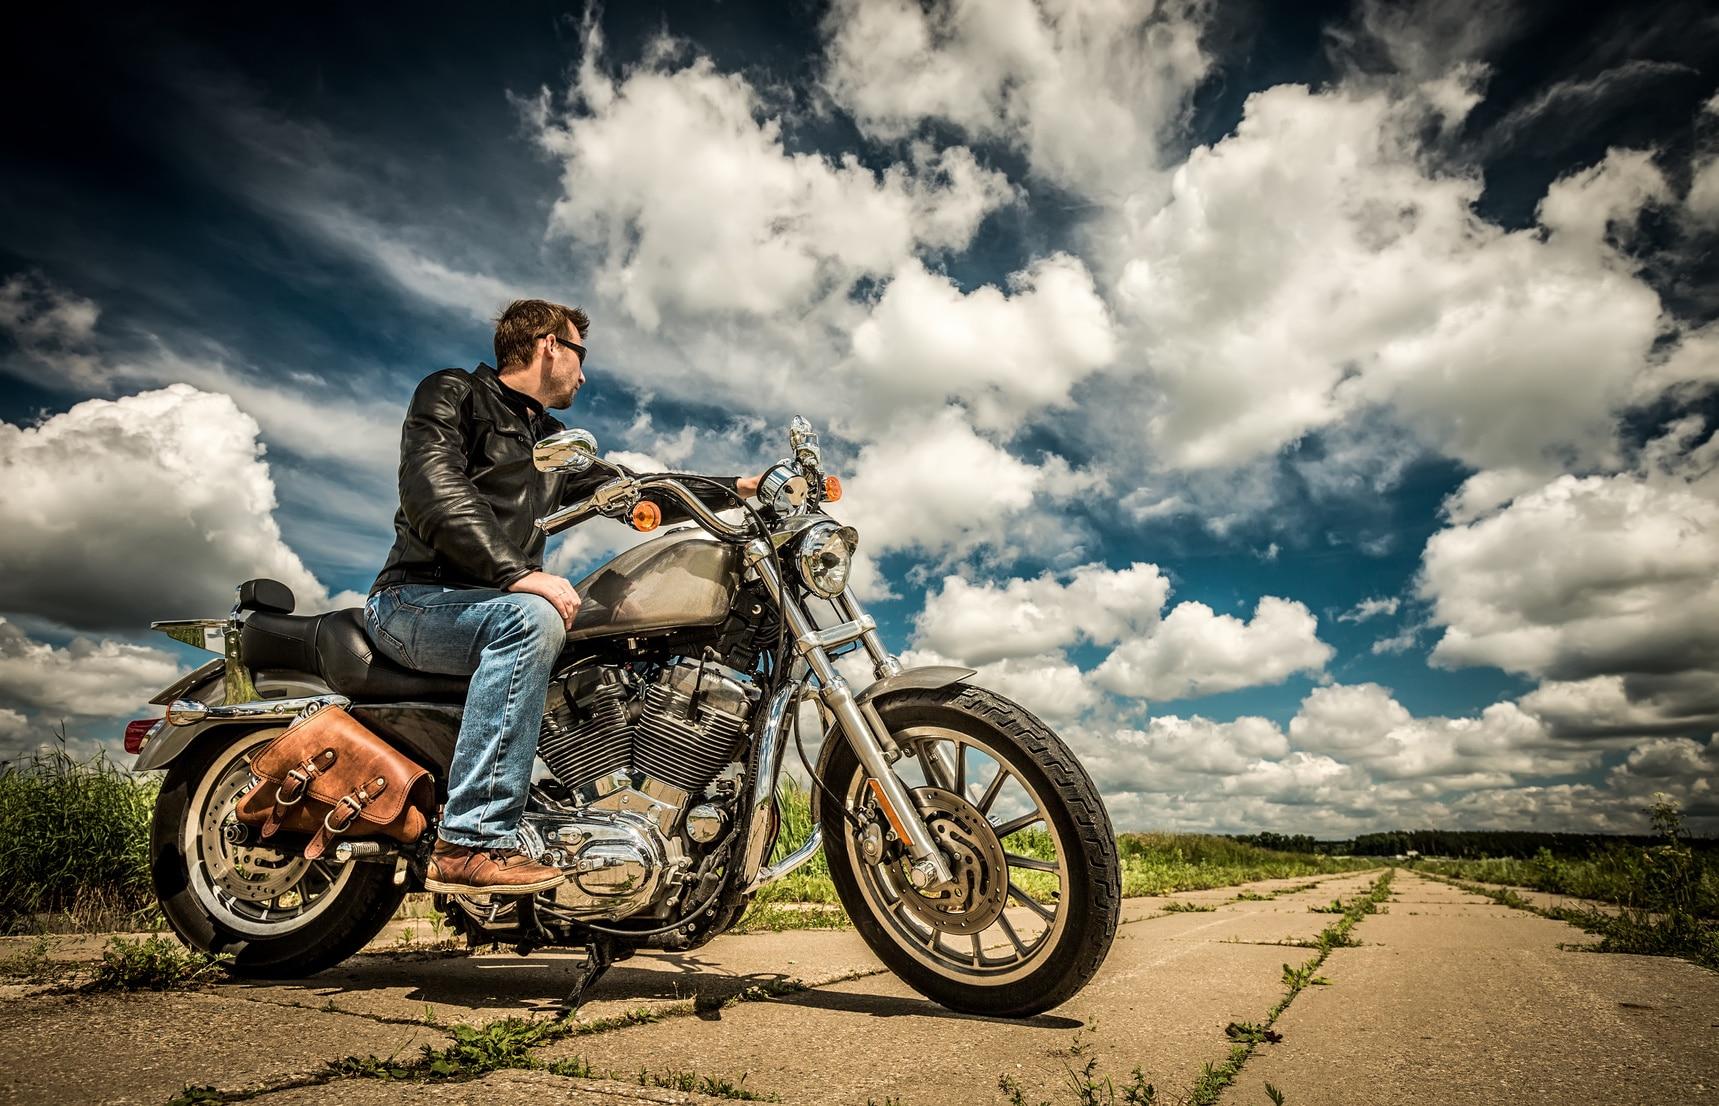 بیمه موتور سیکلت بدون گواهینامه